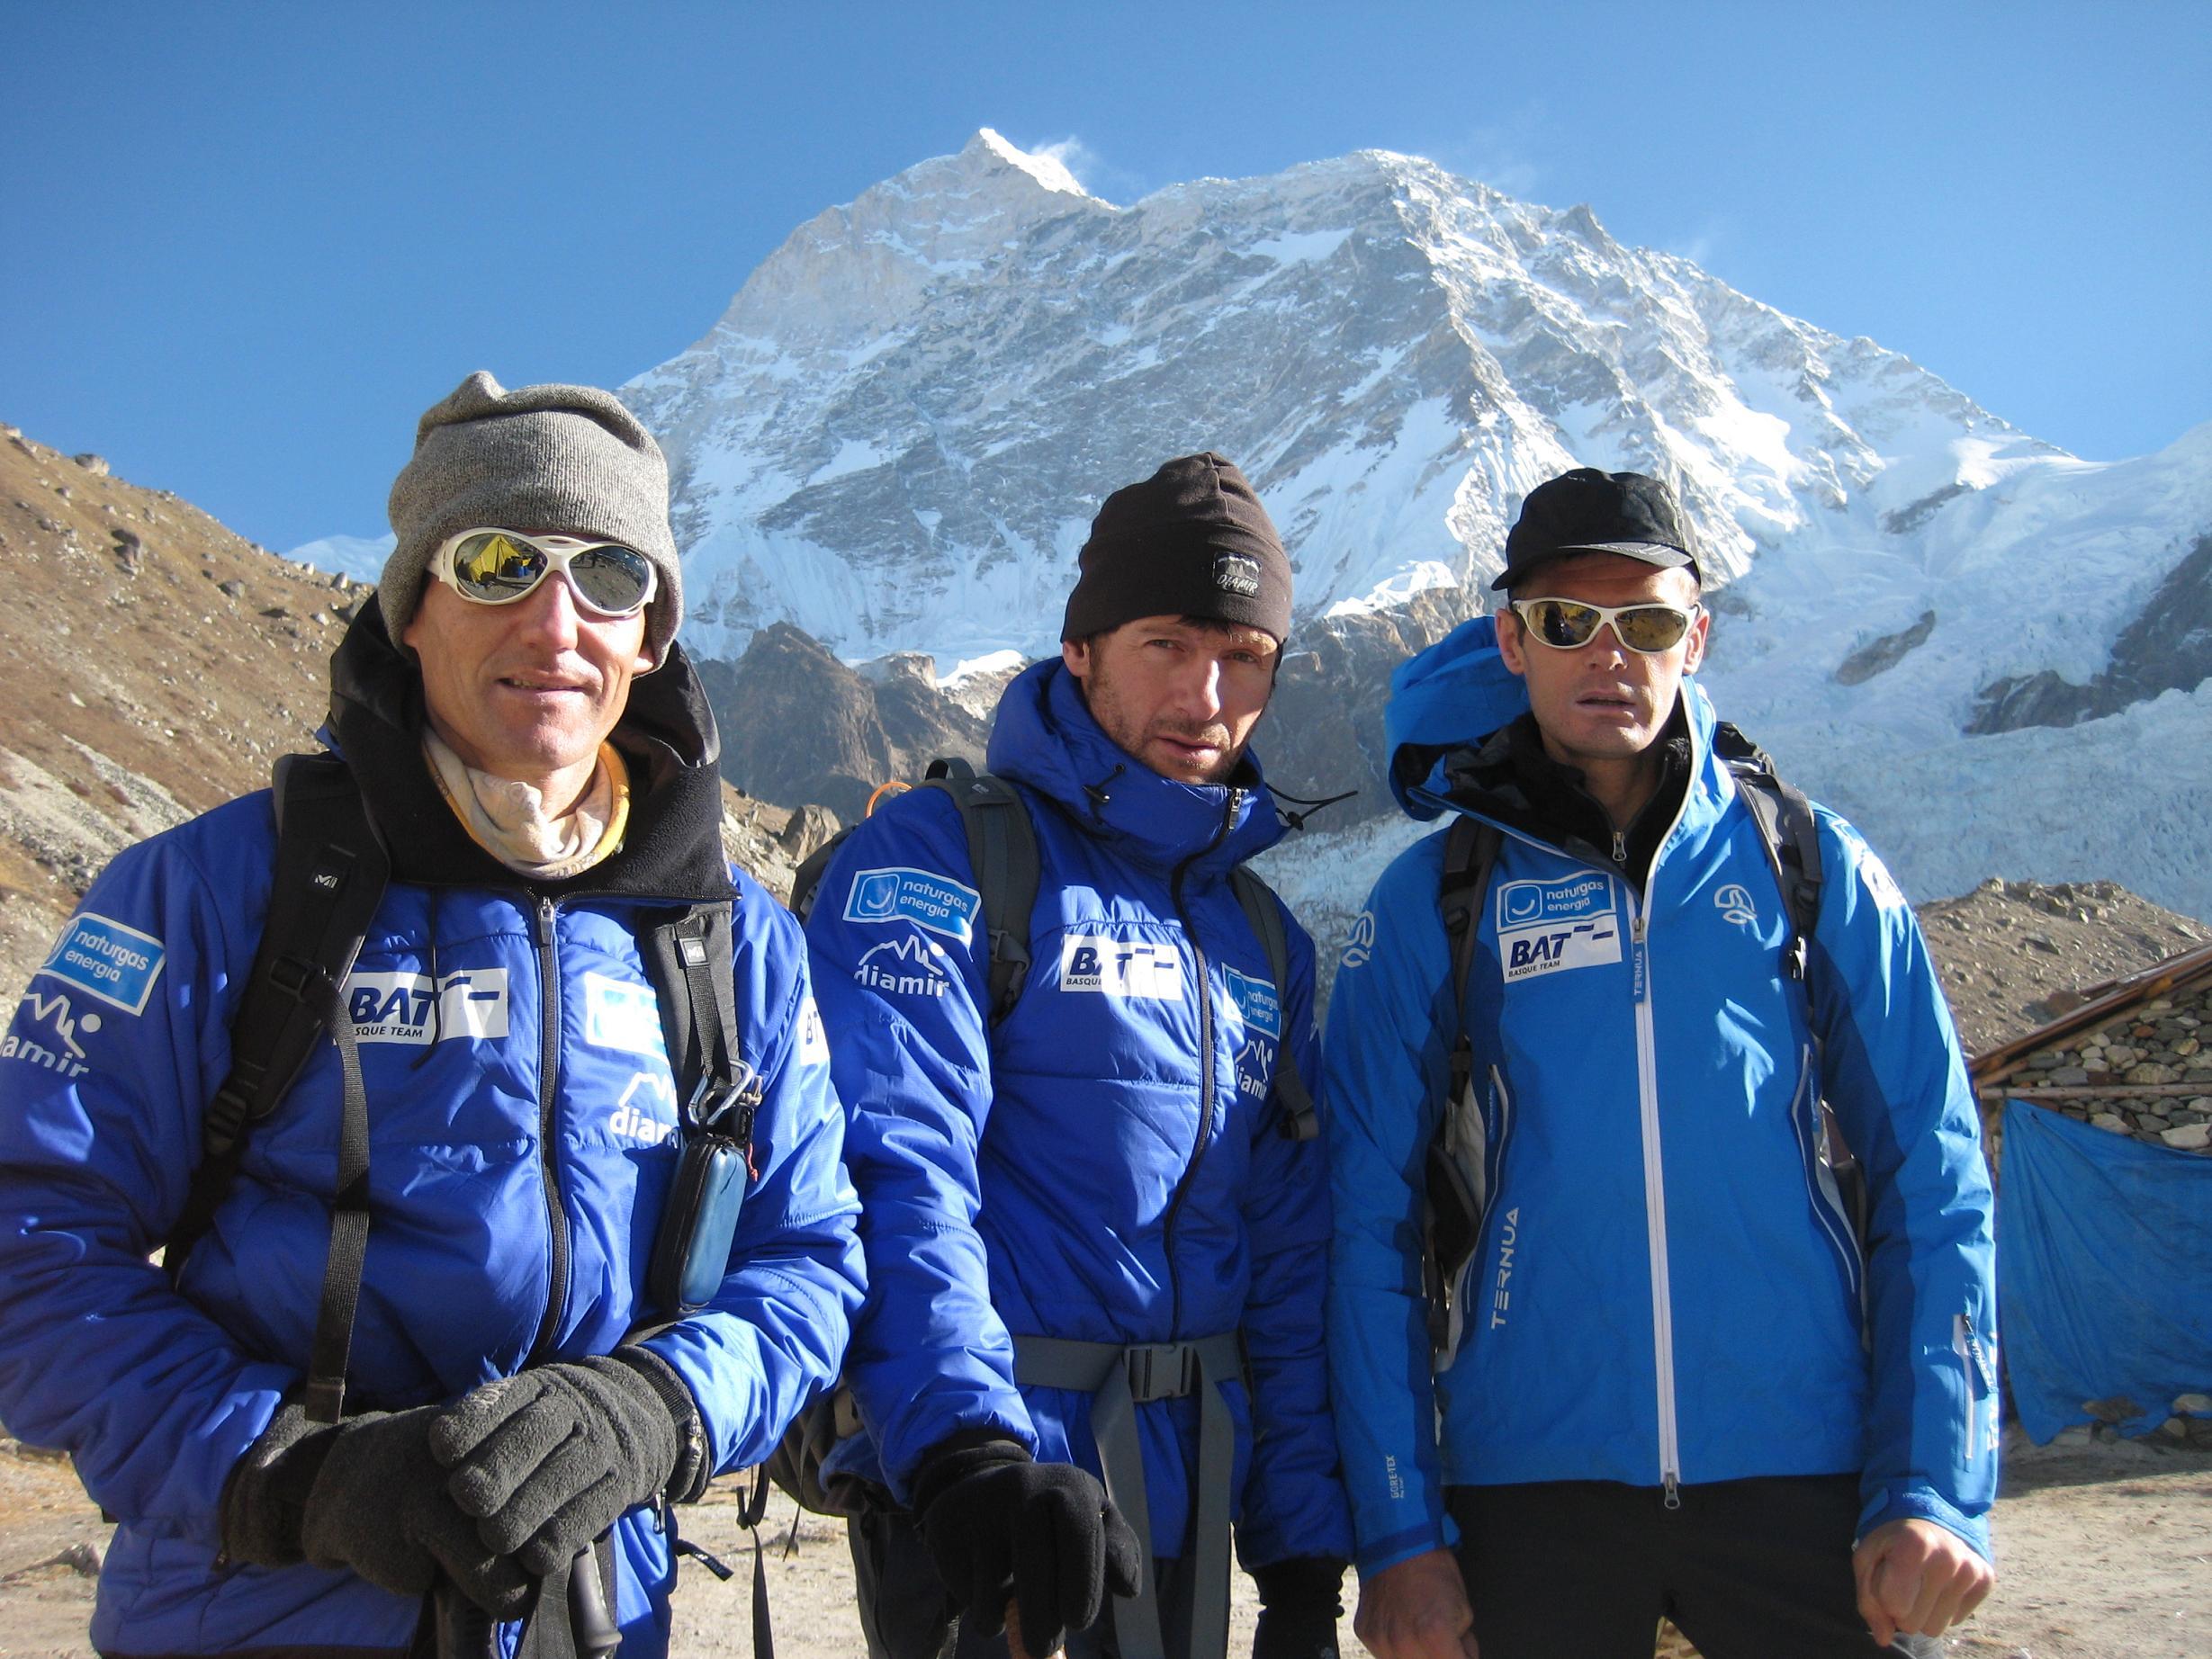 El montañero pamplonés Mikel Zabalza parte la próxima madrugada rumbo a la cumbre del Makalu (8.463 m.)